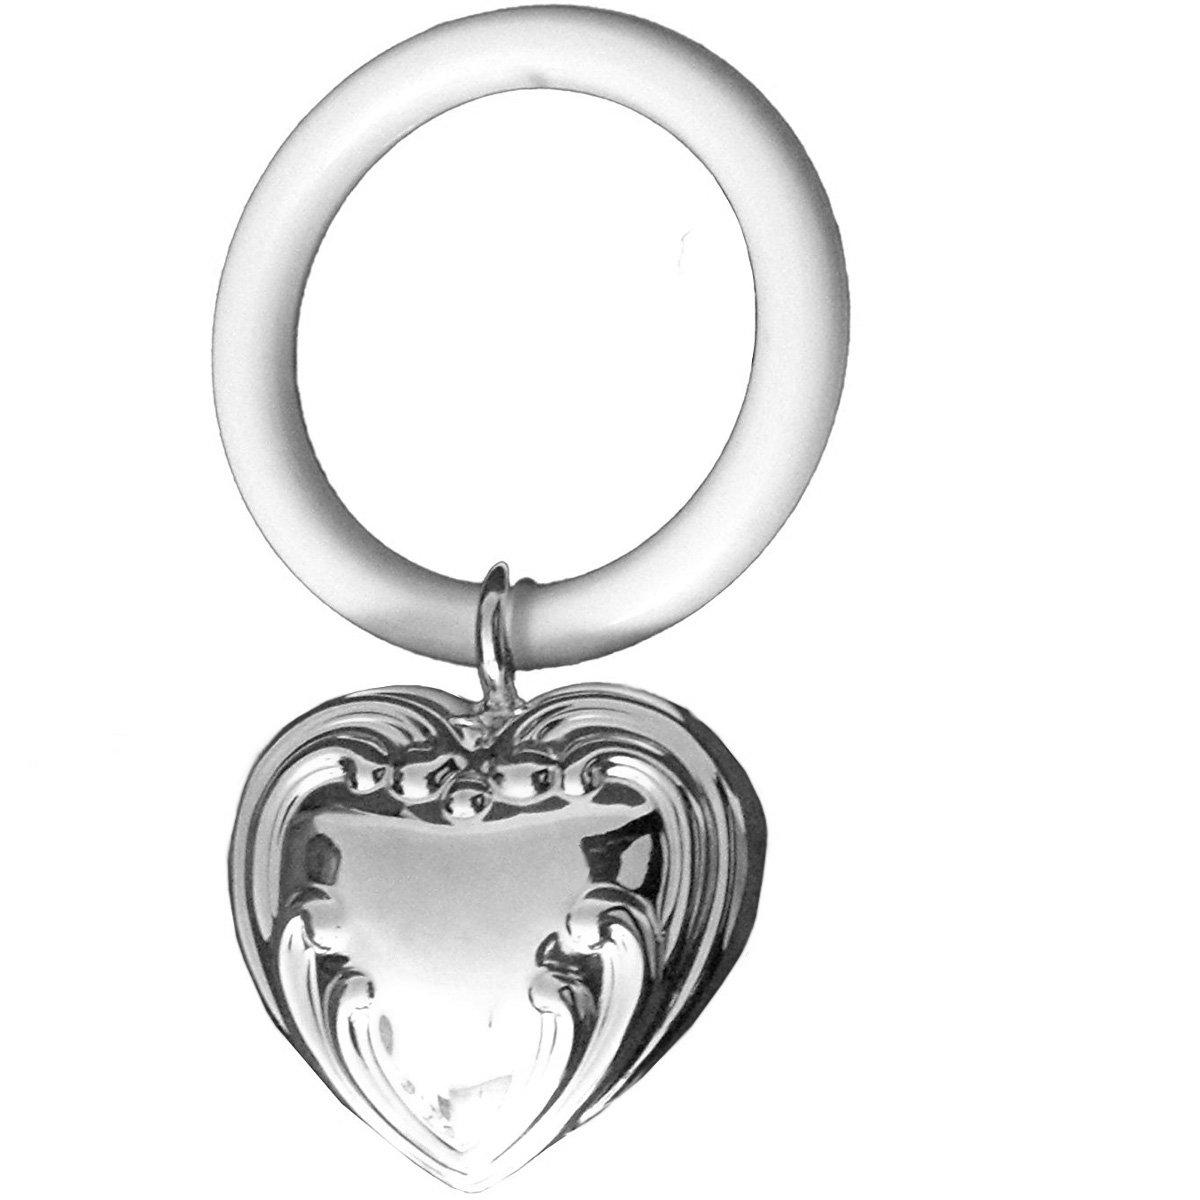 Kinderrassel mit Beissring Herz L 9 cm Silber Plated versilbert silberkanne